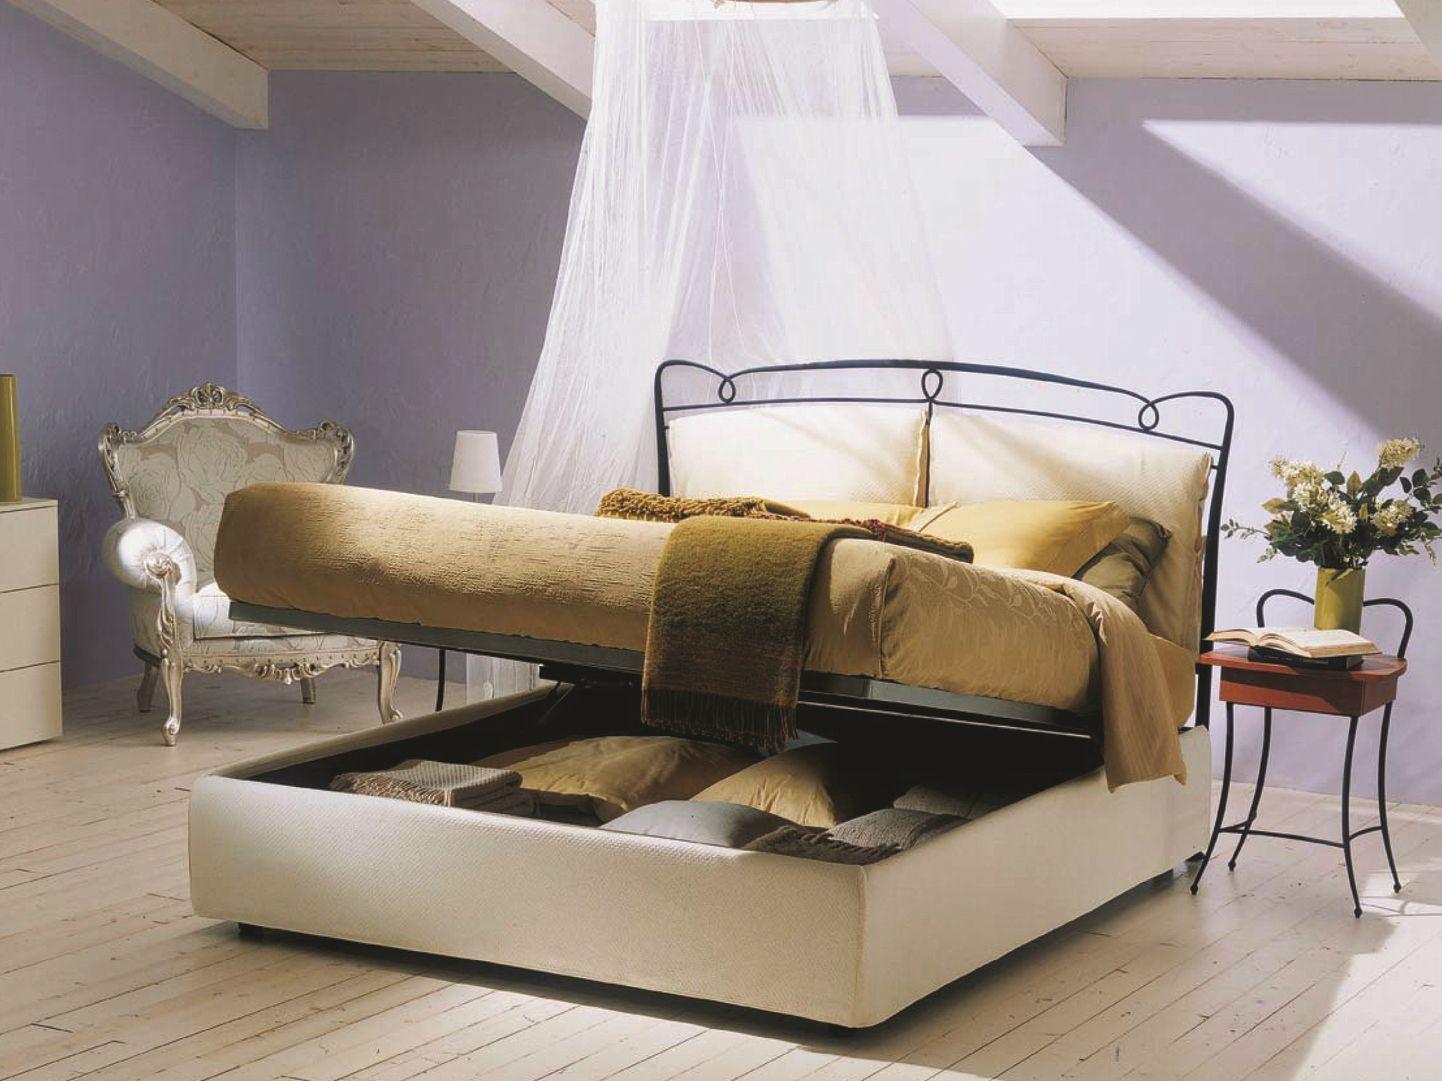 Versilia letto contenitore by bontempi casa design studio carlesi design giannessi - Camere da letto bontempi ...